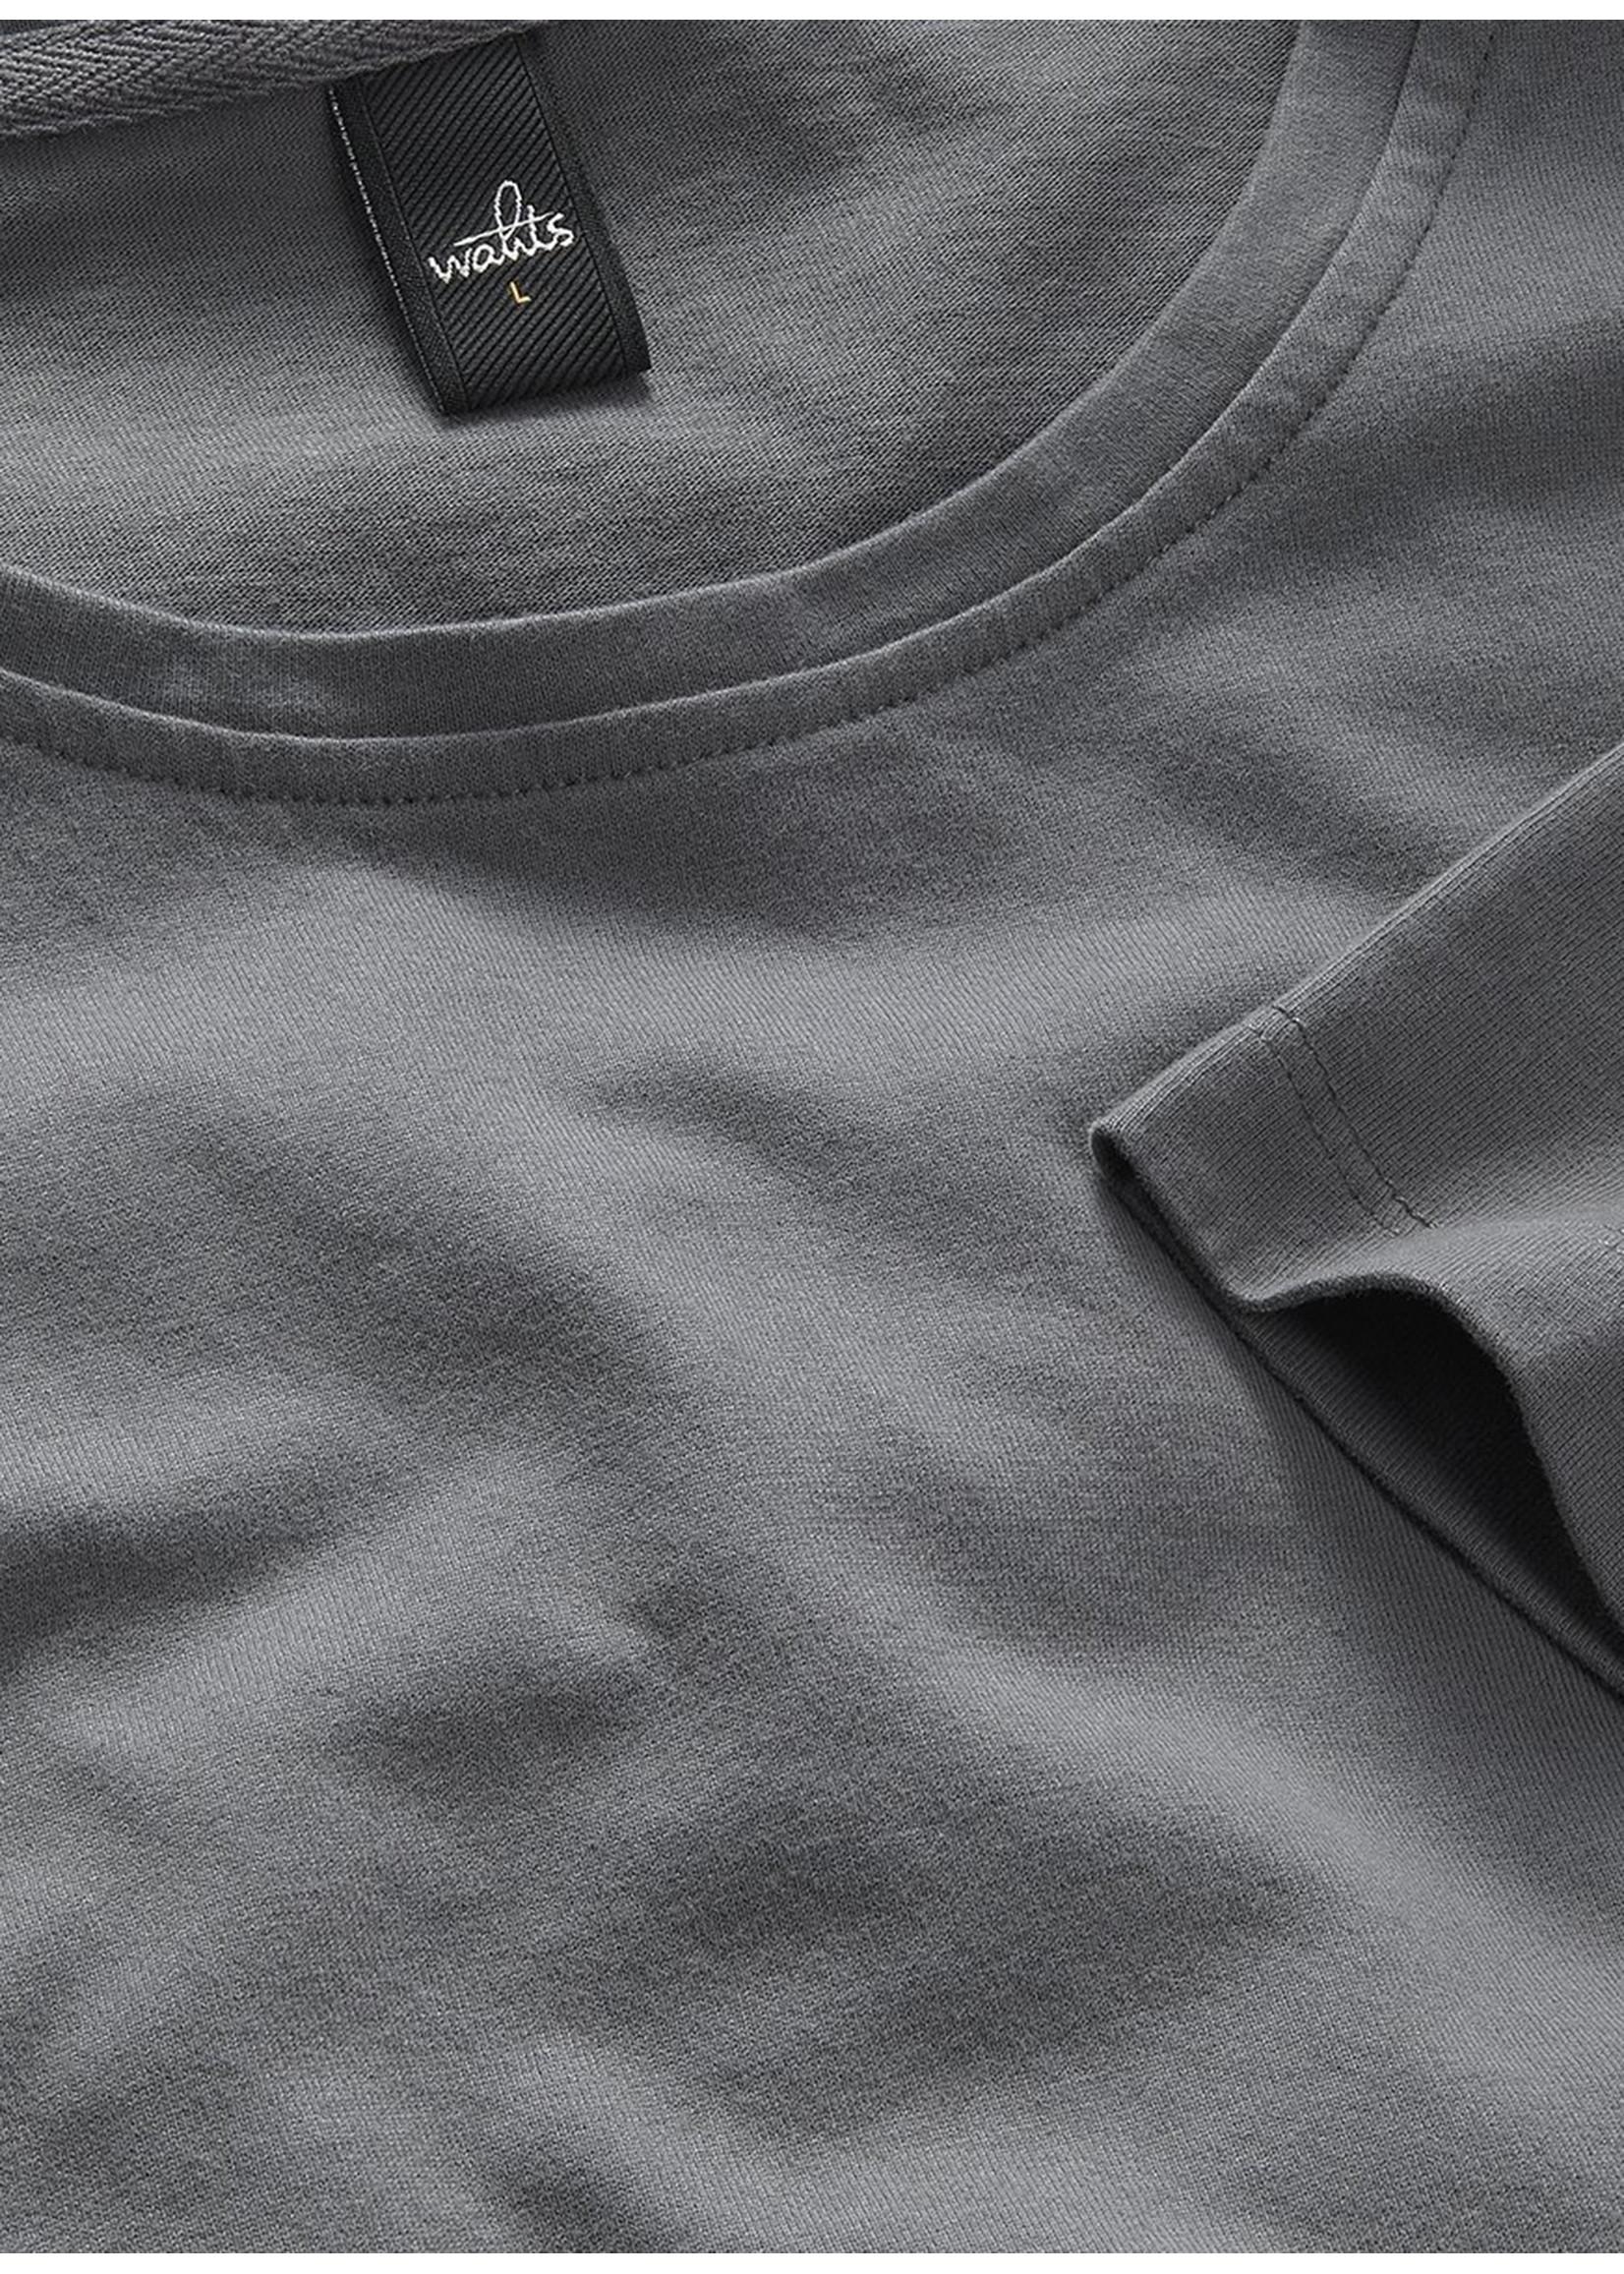 Wahts Woods crewneck tshirt mid grey